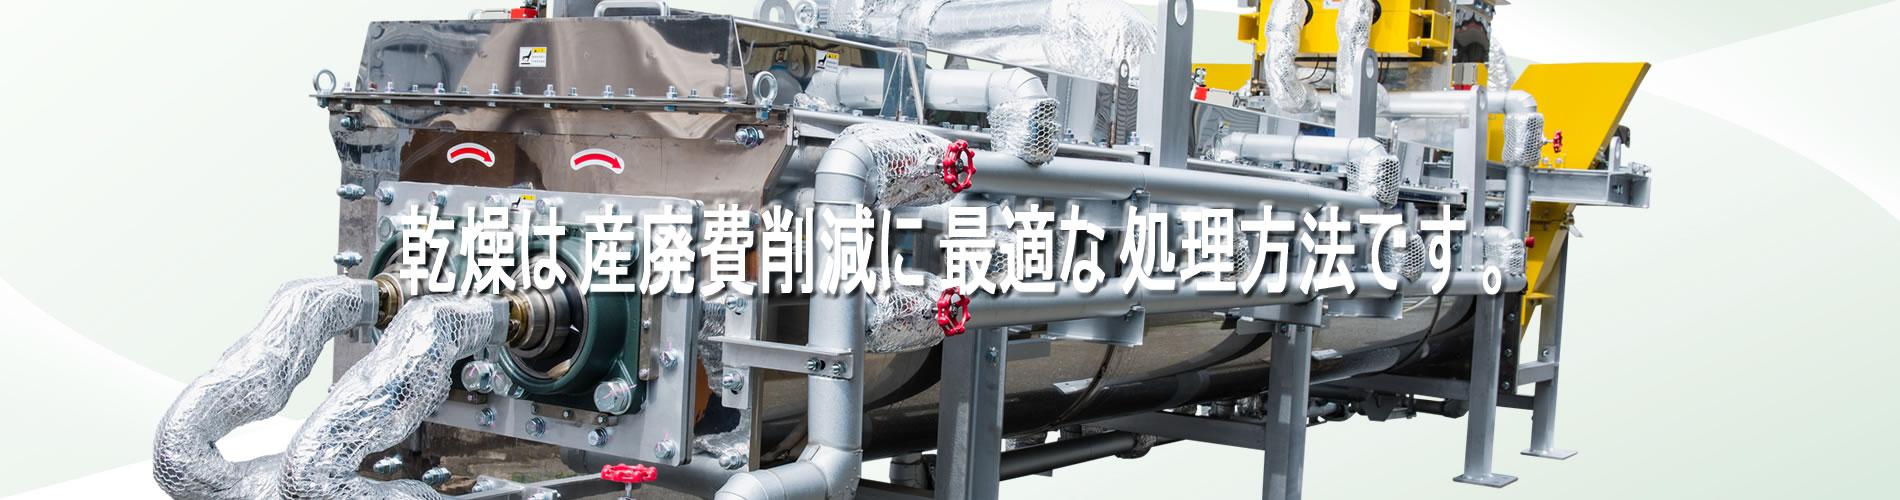 乾燥は産廃費削減に最適な処理方法です。